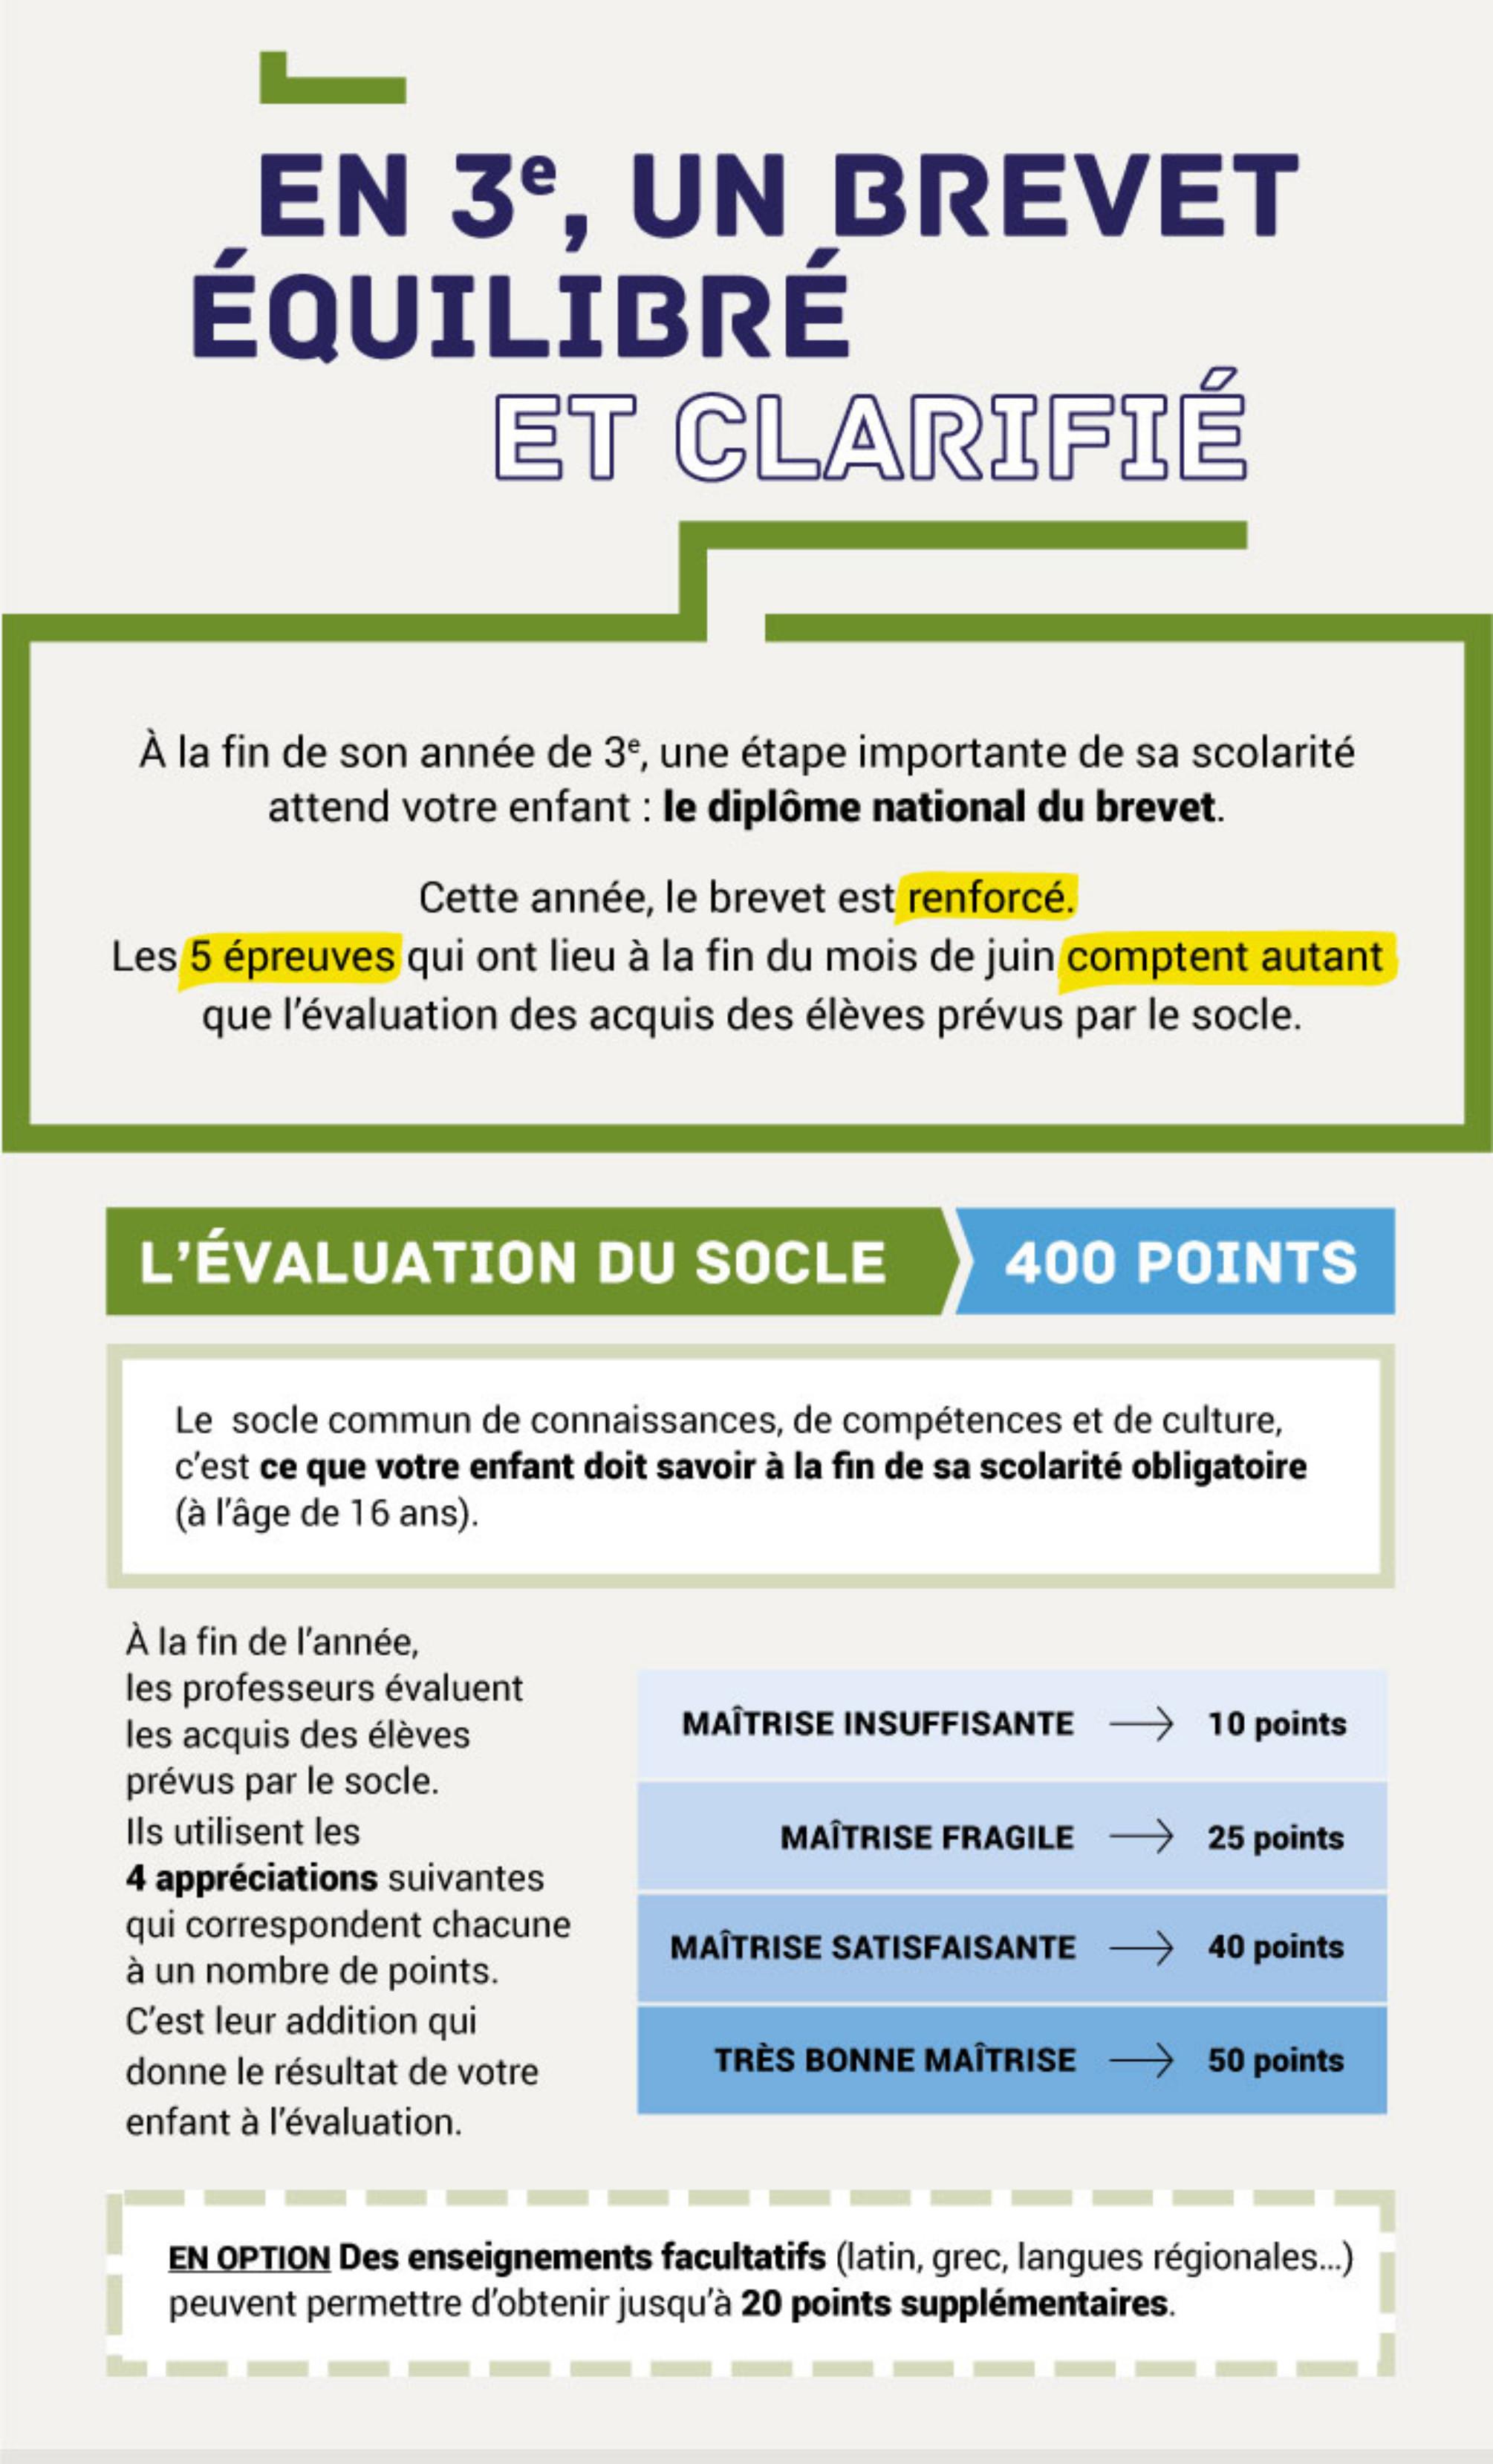 Colleges In Nc >> Le Diplôme National du Brevet, session 2018 – CollegeKarr.fr